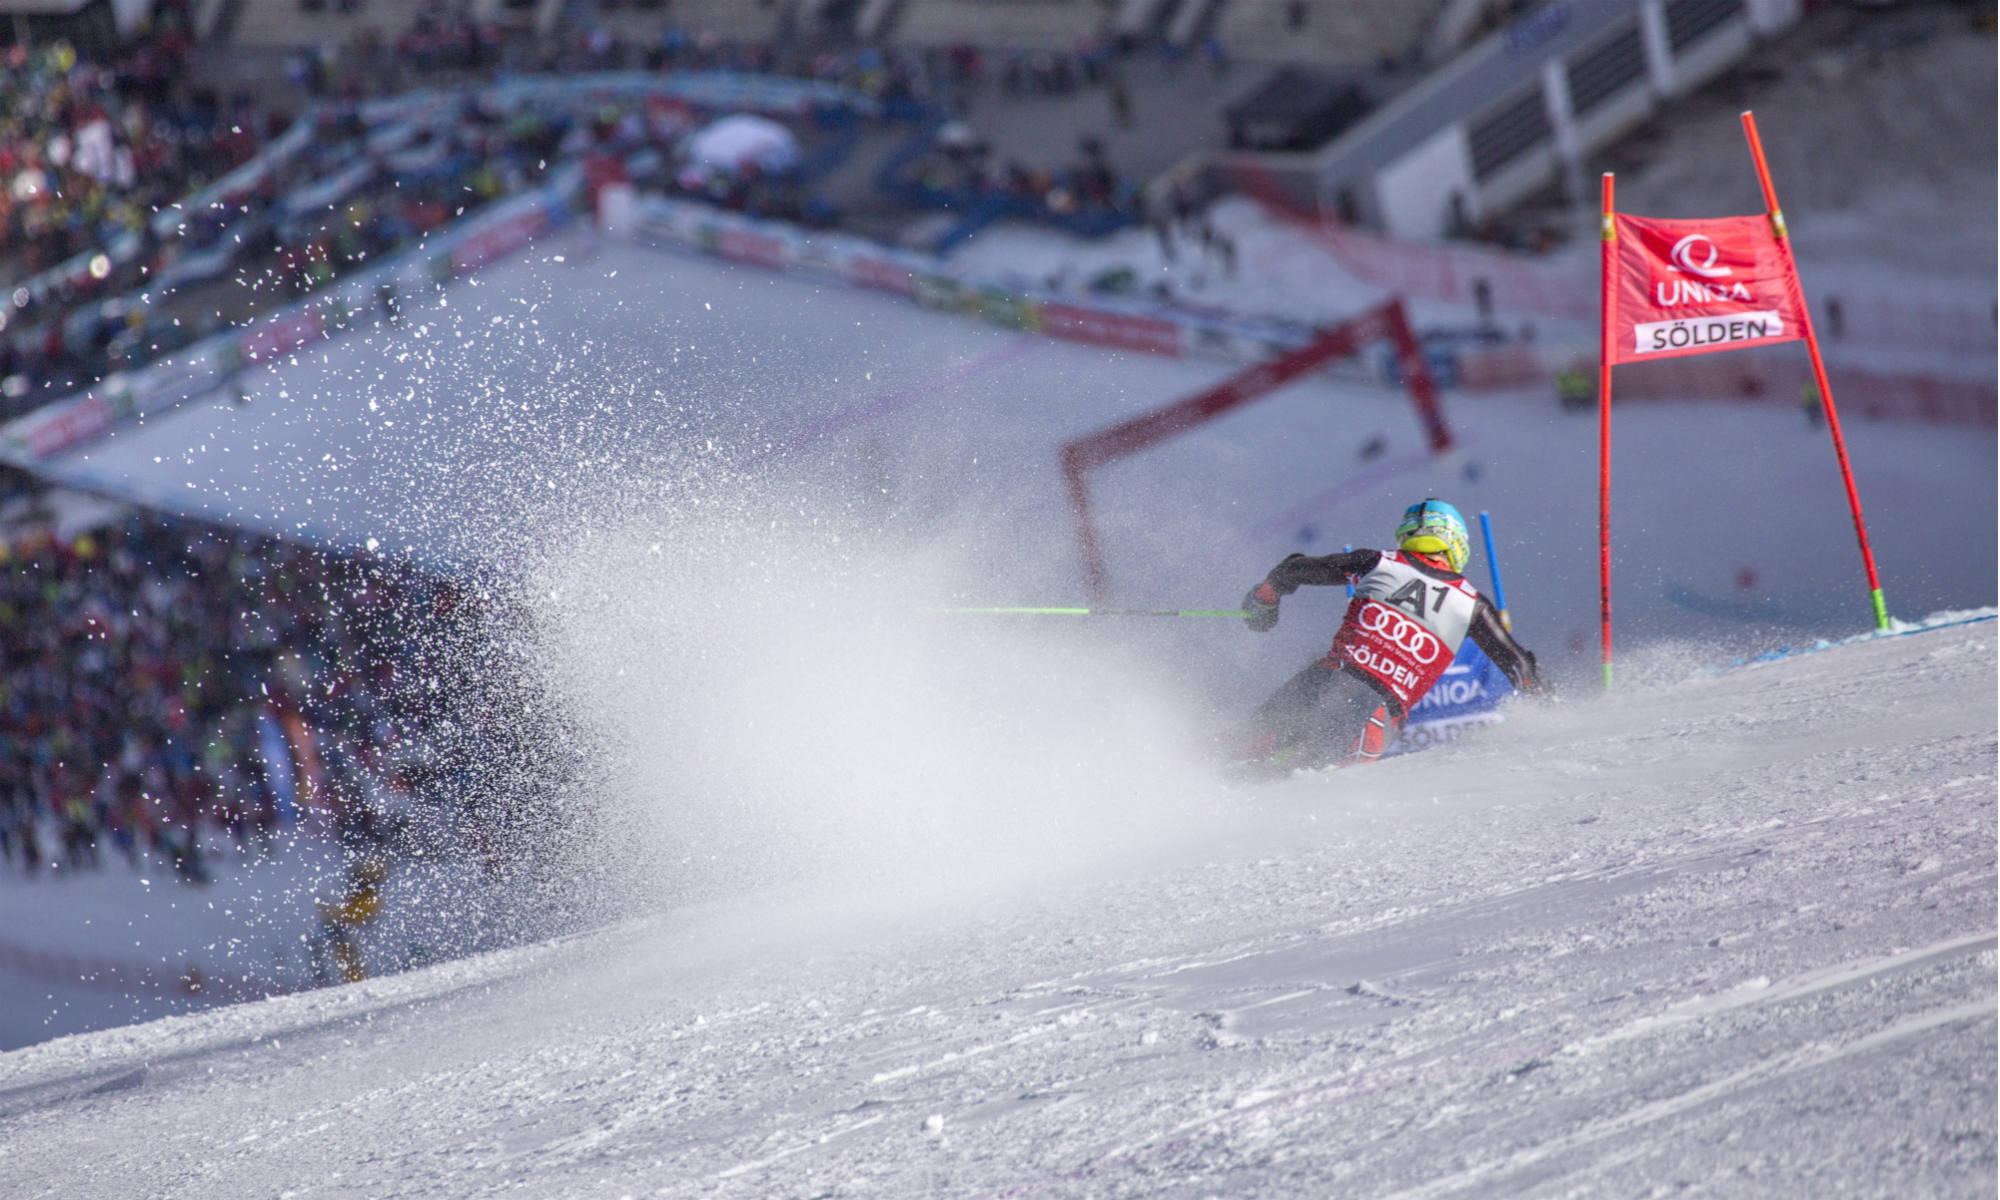 Am letzten Wochenende im Oktober trifft jedes Jahr die Elite des Skisportes in Sölden aufeinander.